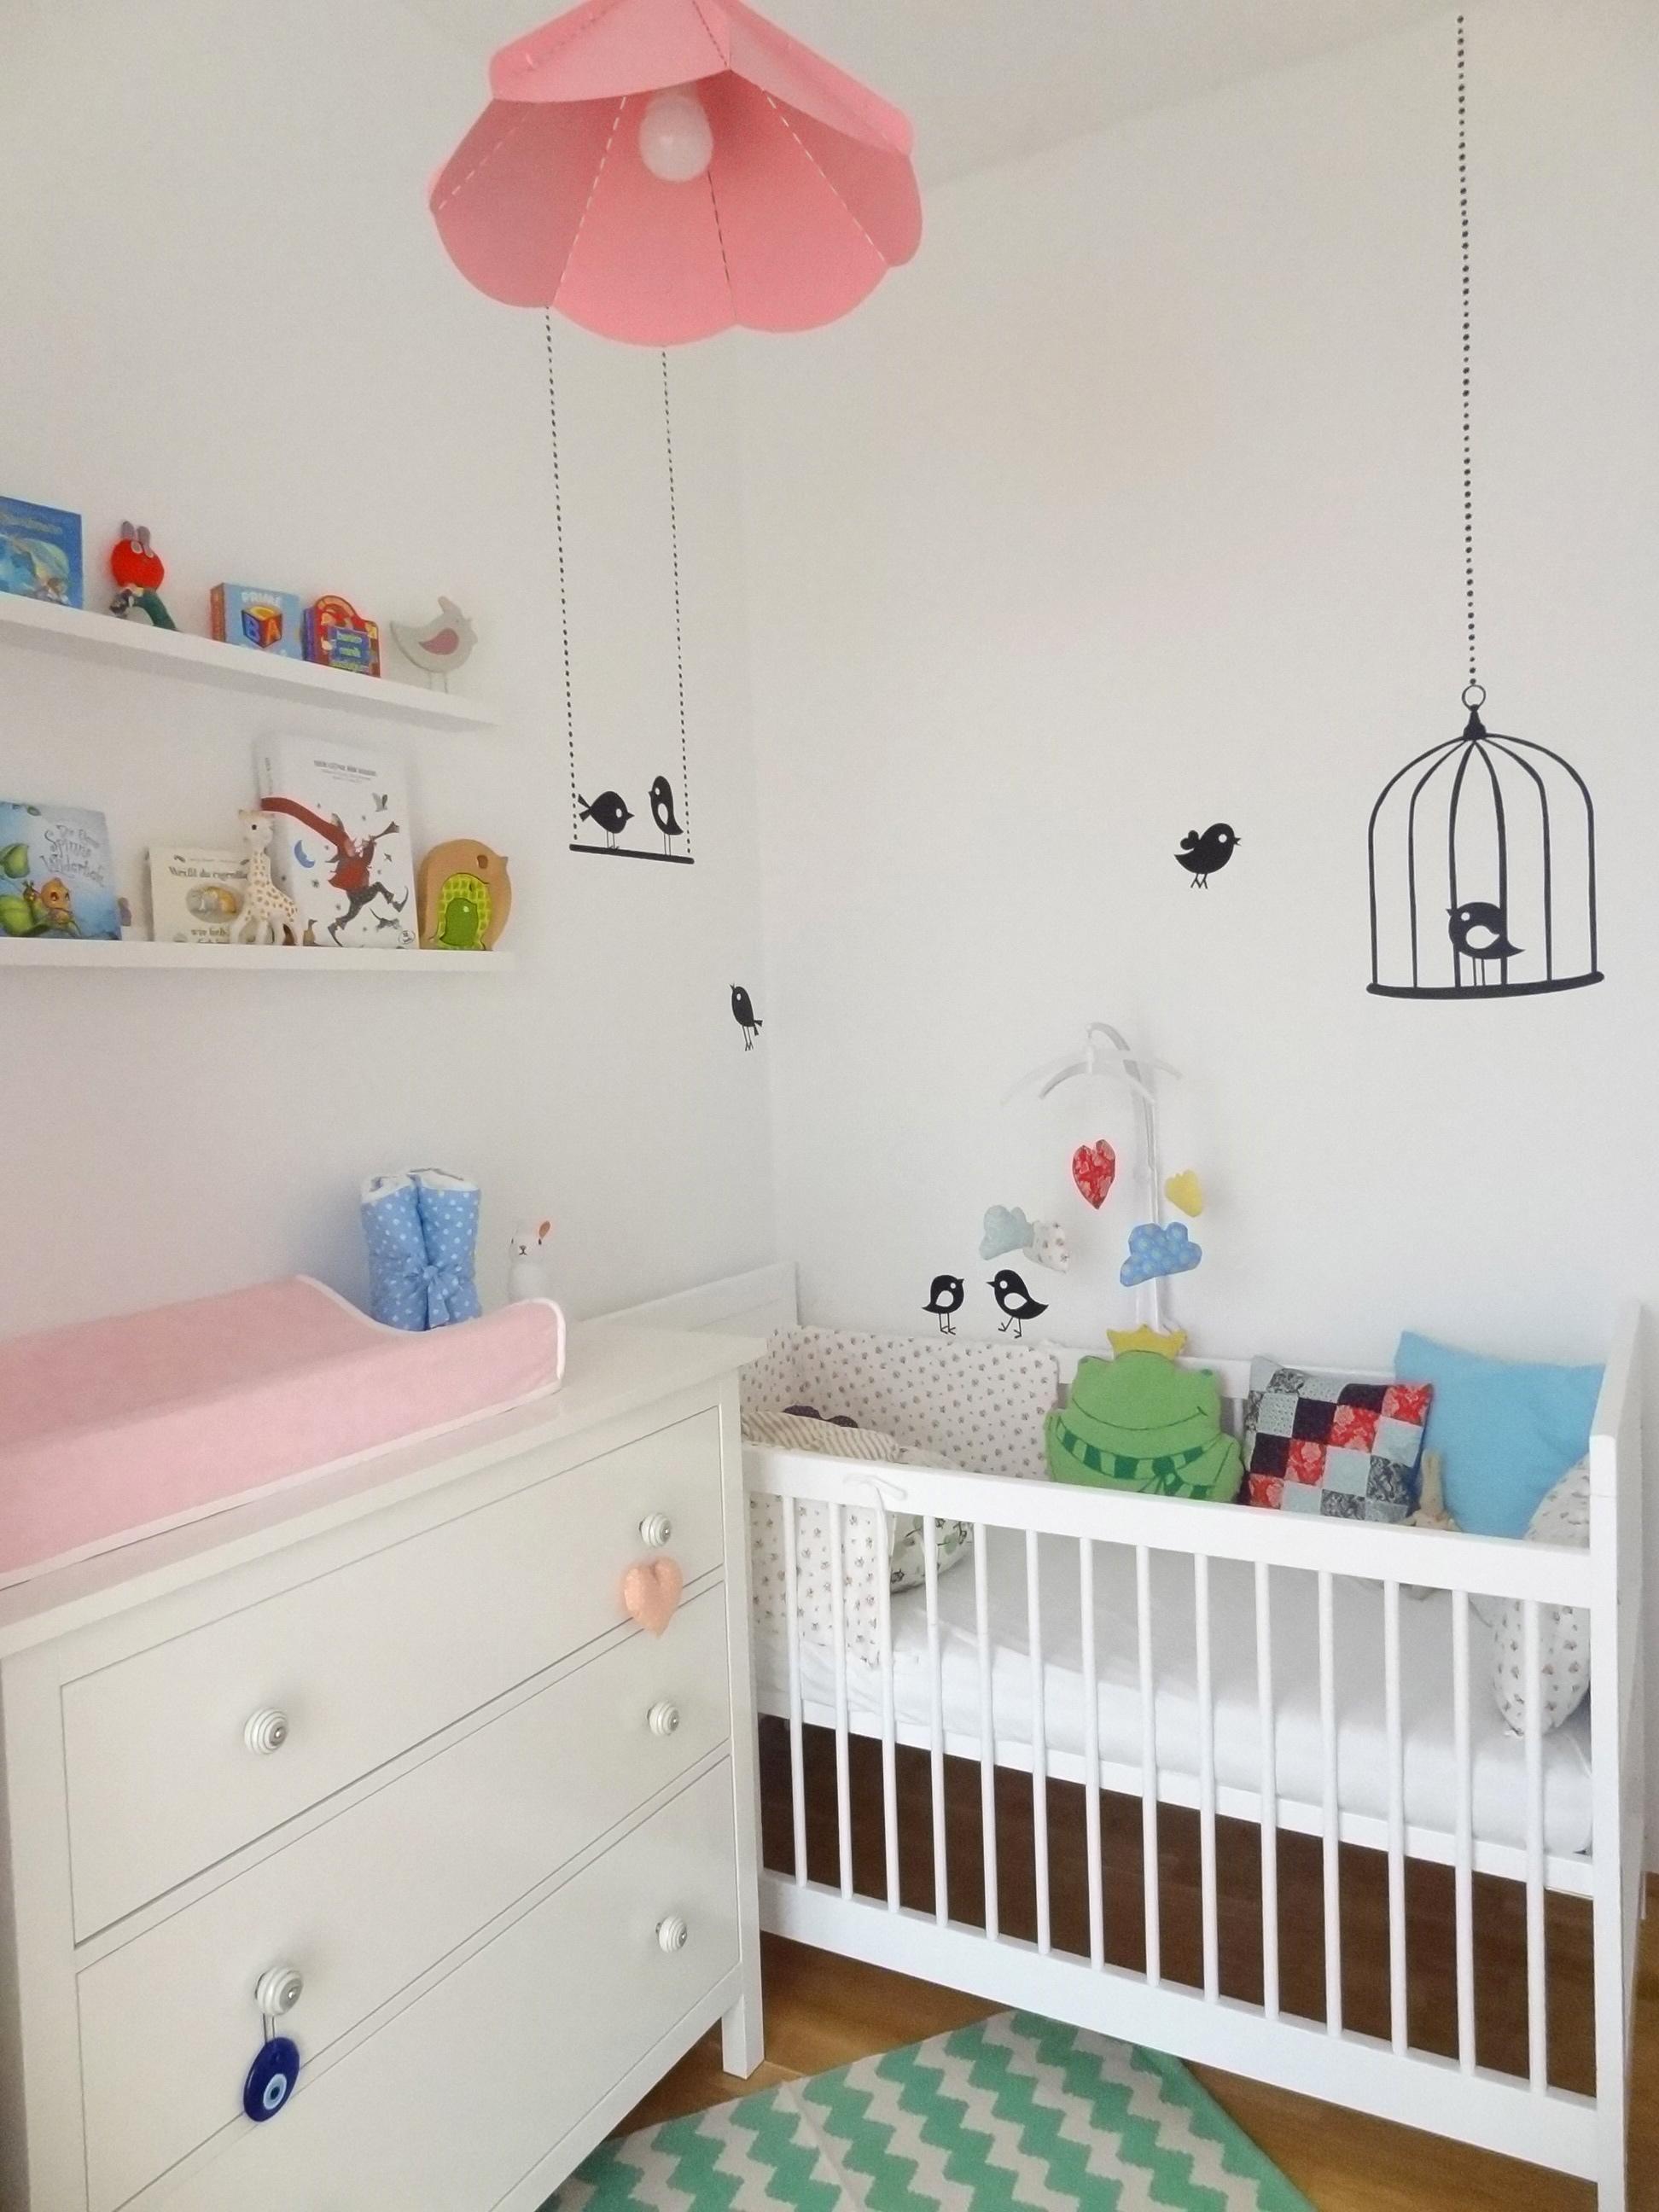 Schlafzimmer Dekorieren: Kleine schlafzimmer dekorieren mit coole ...